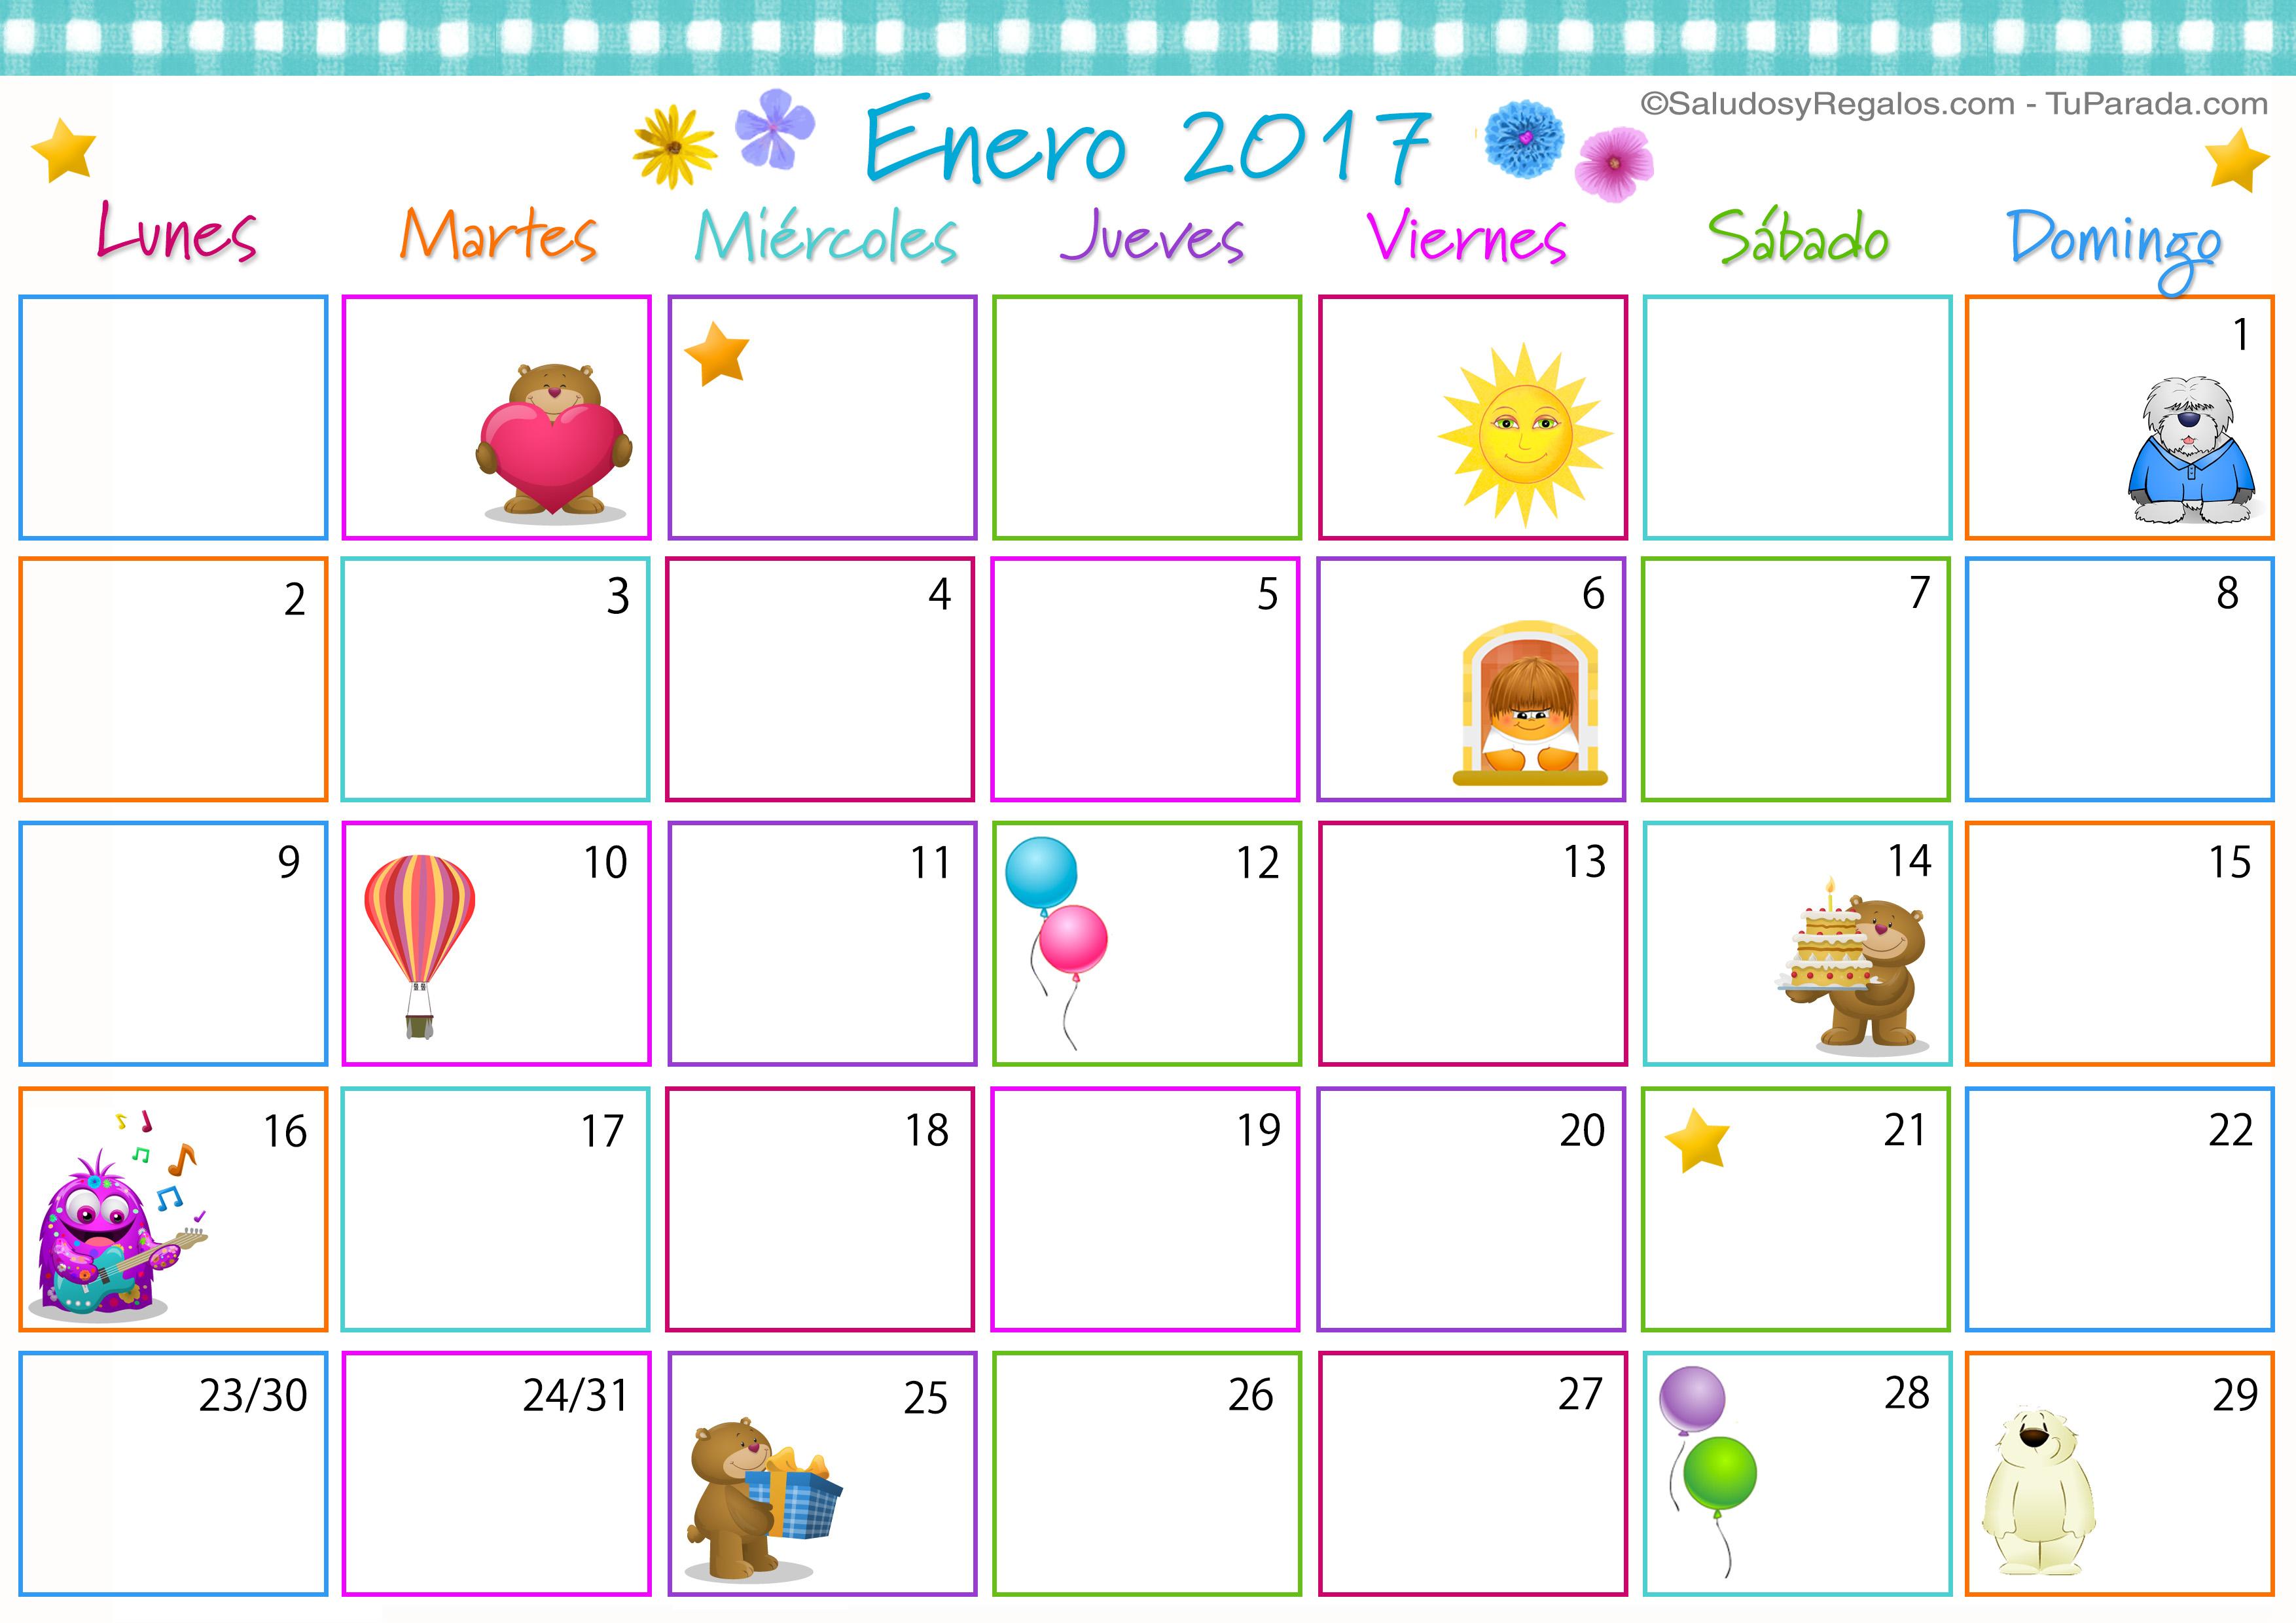 Foro eventos para el mes de enero 2017 - Mes de enero 2017 ...